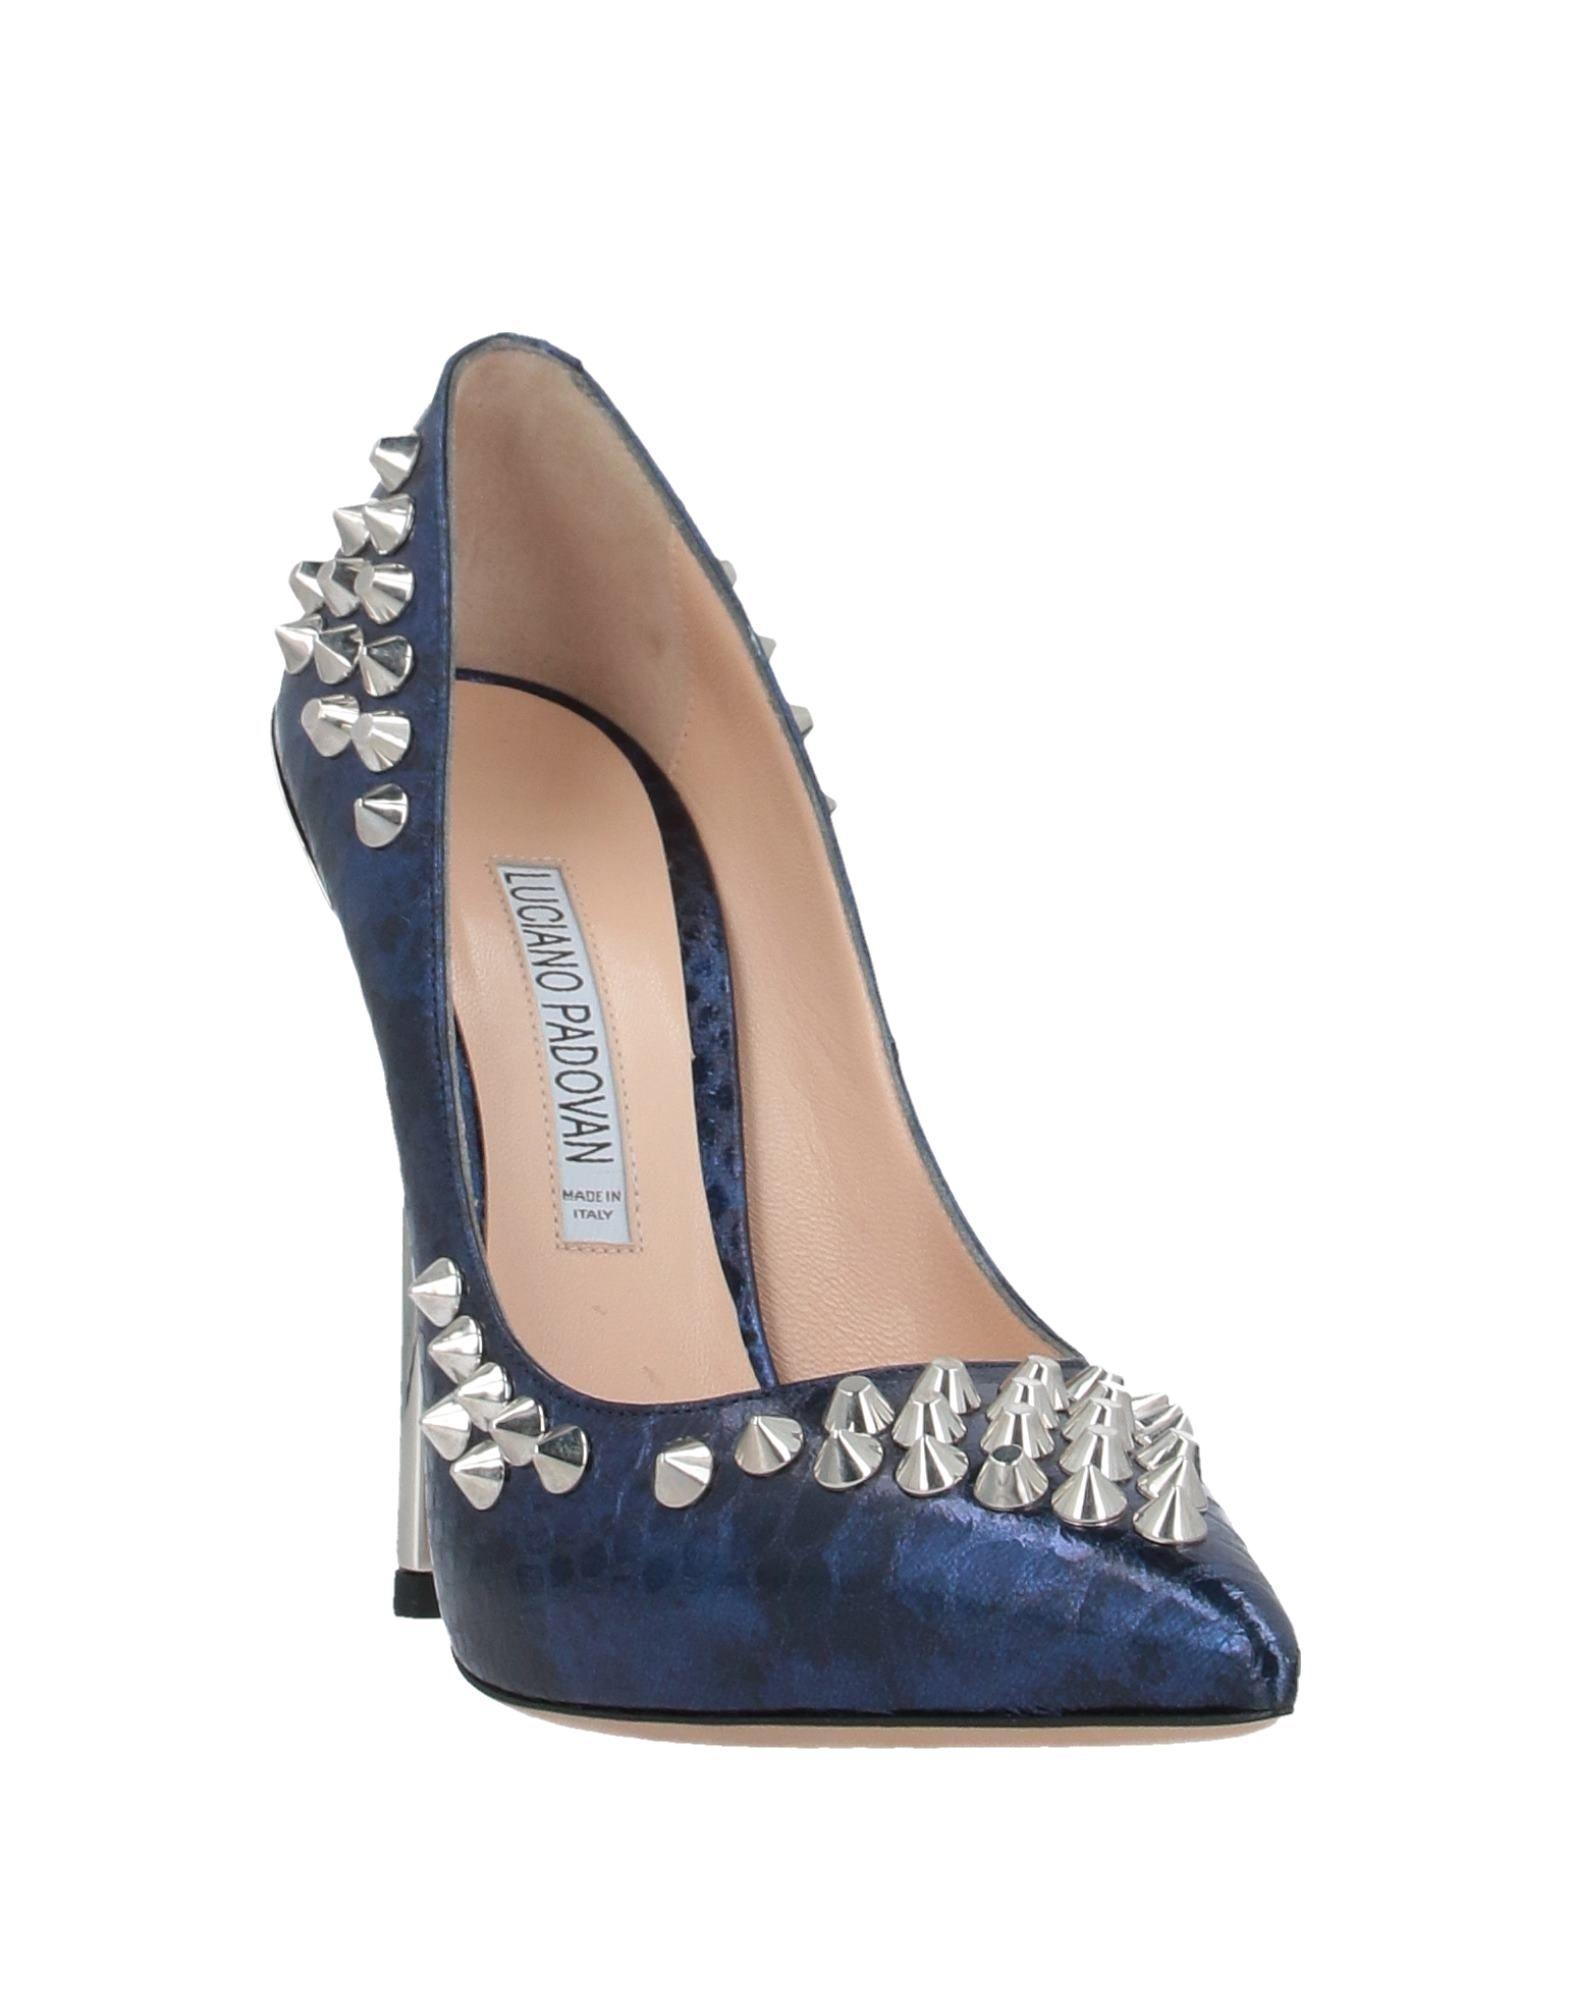 Zapatos de salón Luciano Padovan de Cuero de color Azul